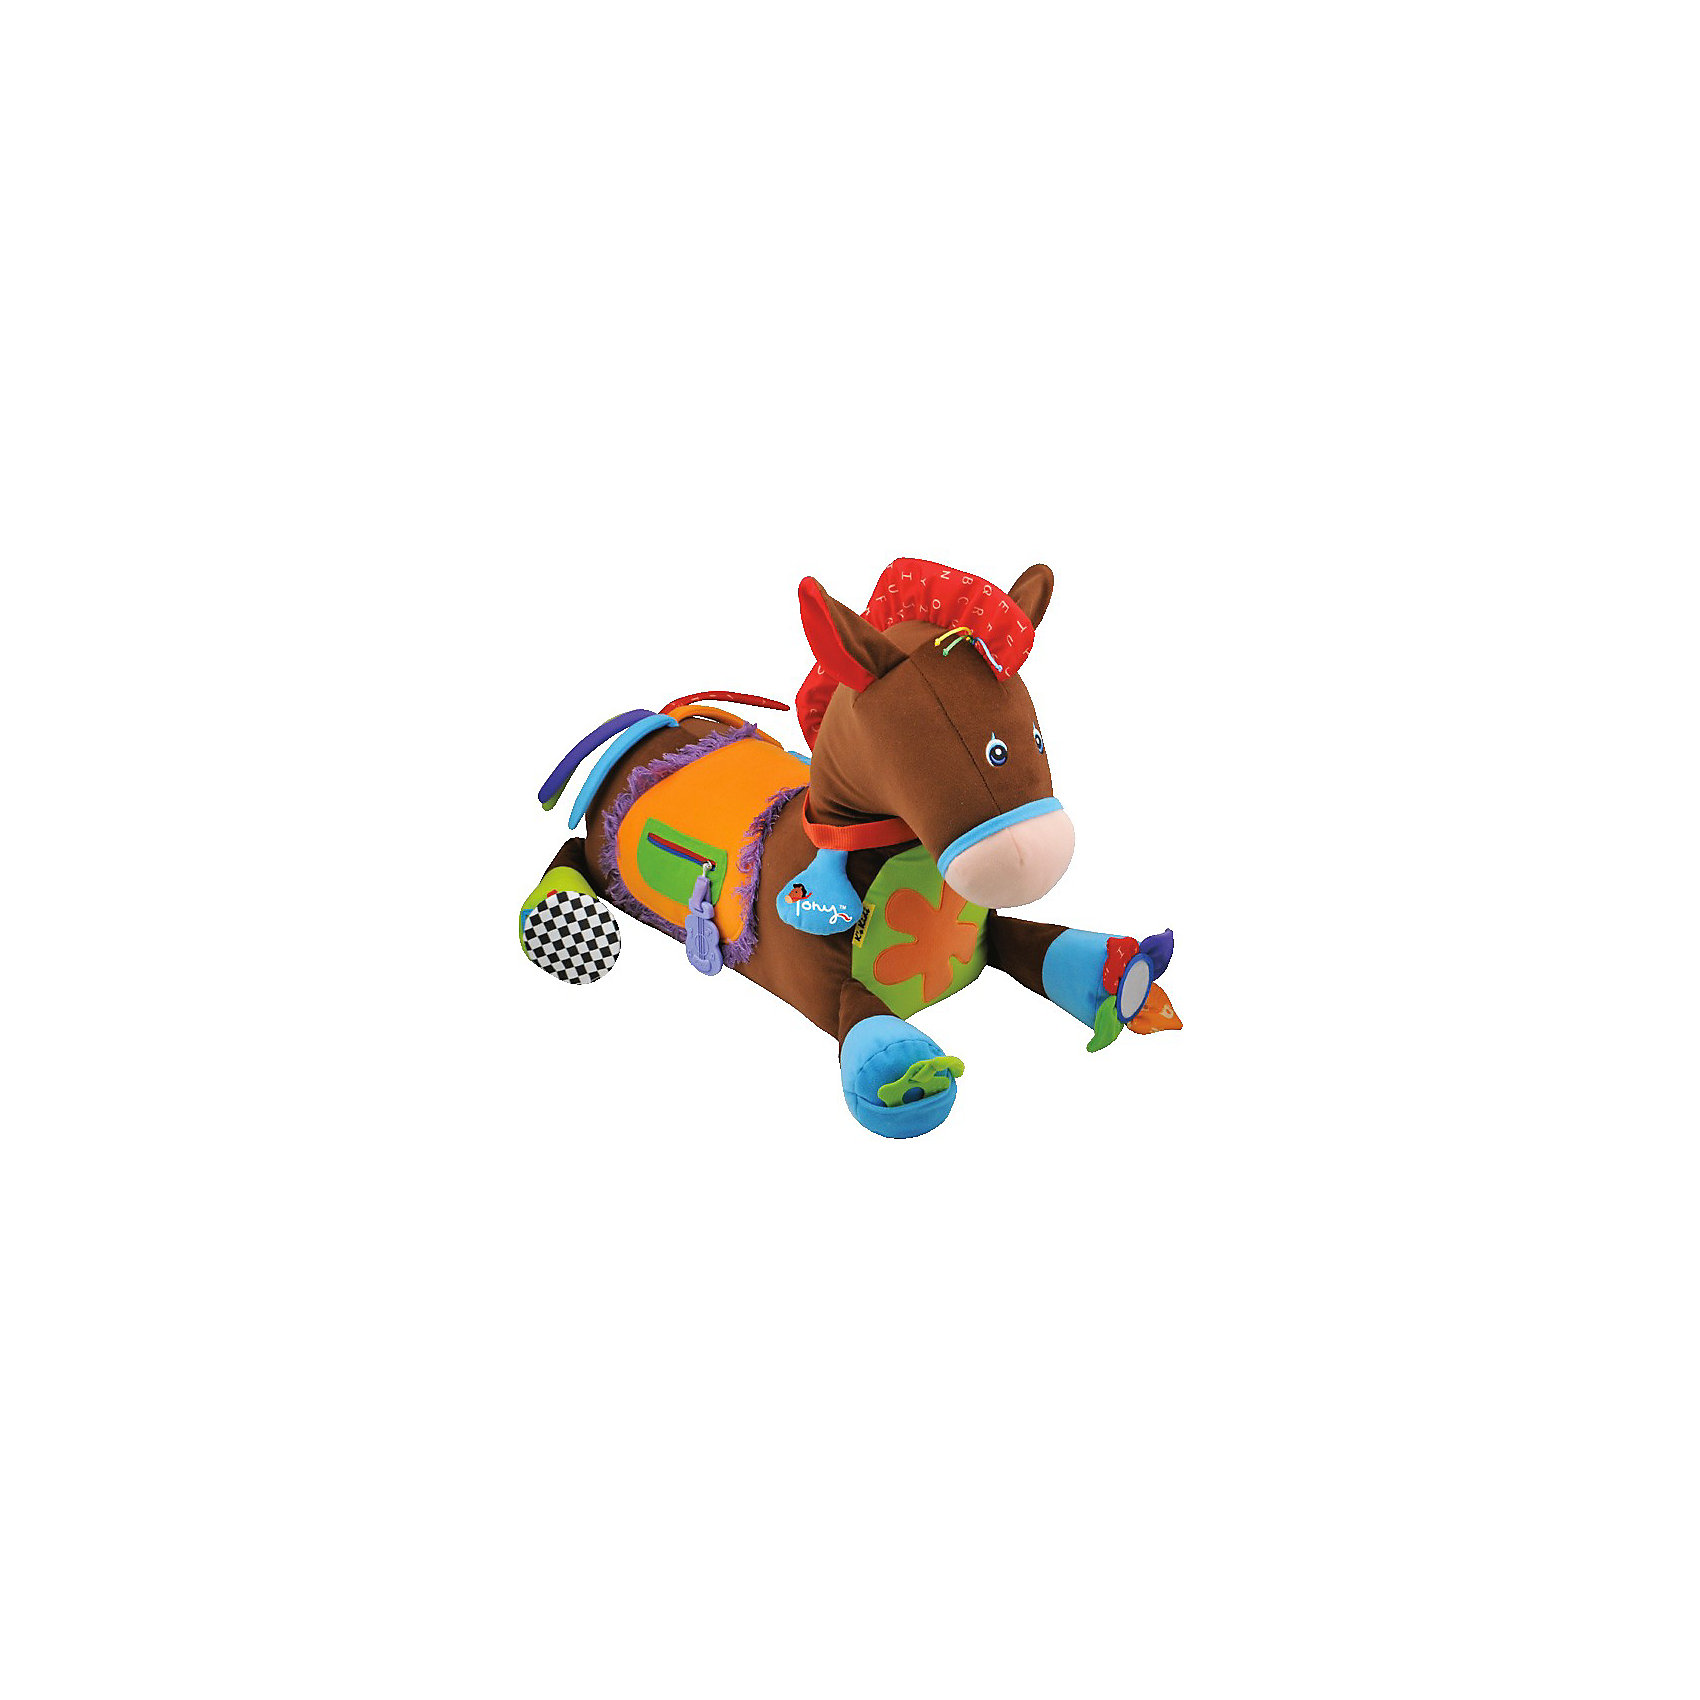 Игровой центр Пони Тони, Ks KidsЛошадка Пони Тони K`s Kids - это  развивающая игрушка, с которой малышу никогда не будет скучно. Забавный и   веселый пони выполнен в ярких тонах, содержит в себе более 20 развивающих элементов, сделанных из разнообразных материалов. <br>Пони можно подёргать за шуршащие ушки, потрещать цветочком на сидении, потрусить колечко на ошейнике и ещё много других, стимулирующих слух игровых элементов, спрятано на этой уникальной развивающей пони Кс Кидс!<br>Карманчик у Пони расстёгивается и застёгивается на молнии, а разноцветный хвостик так и манит его подёргать, что великолепно развивает мелкую и крупную моторику, ловкость и силу ручек! Усевшись на Пони верхом, как настоящий наездник, Пони порадует малыша цокотом копыт!<br>Все эти элементы являются средствами для развития мелкой моторики, а игра с застежкой-молнией и пуговицей разовьет навык застегивания одежды.<br>Яркие цвета содействует развитию зрения, в время игры с крупной игрушкой ребенок развивает общую координацию движений, разглядывая свое отражение в зеркальце, малыш получает первые знания о строении человеческого лица.<br><br>Дополнительная информация:<br><br>- материал: текстиль, пластмасса<br>- цвет: коричневый  <br>- Размеры (см): 55 х 50 х 75<br><br>Развивающий центр Лошадка Пони Тони K`s Kids можно купить в нашем интернет-магазине.<br><br>Ширина мм: 440<br>Глубина мм: 500<br>Высота мм: 460<br>Вес г: 1410<br>Возраст от месяцев: 6<br>Возраст до месяцев: 48<br>Пол: Унисекс<br>Возраст: Детский<br>SKU: 3155517